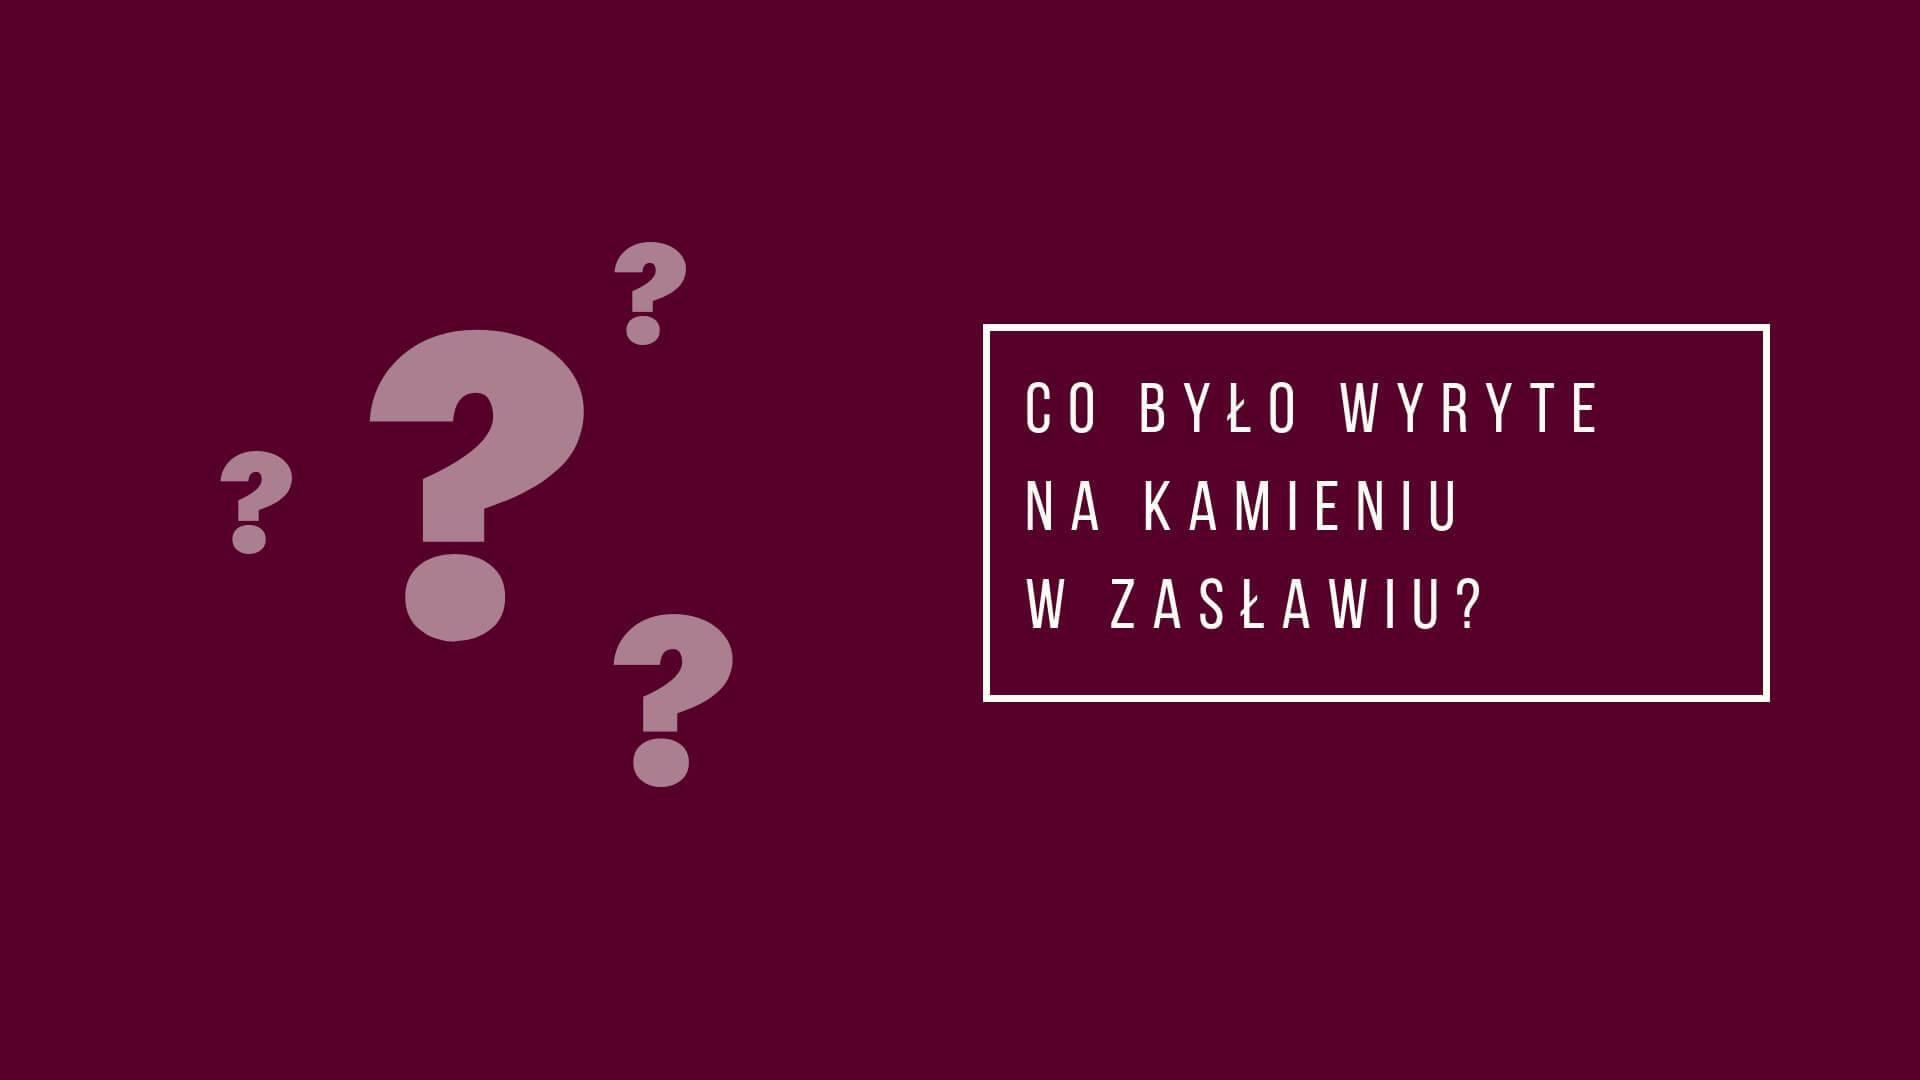 Co Było Wyryte Na Kamieniu W Ruinach Zamku W Zasławiu Klppl